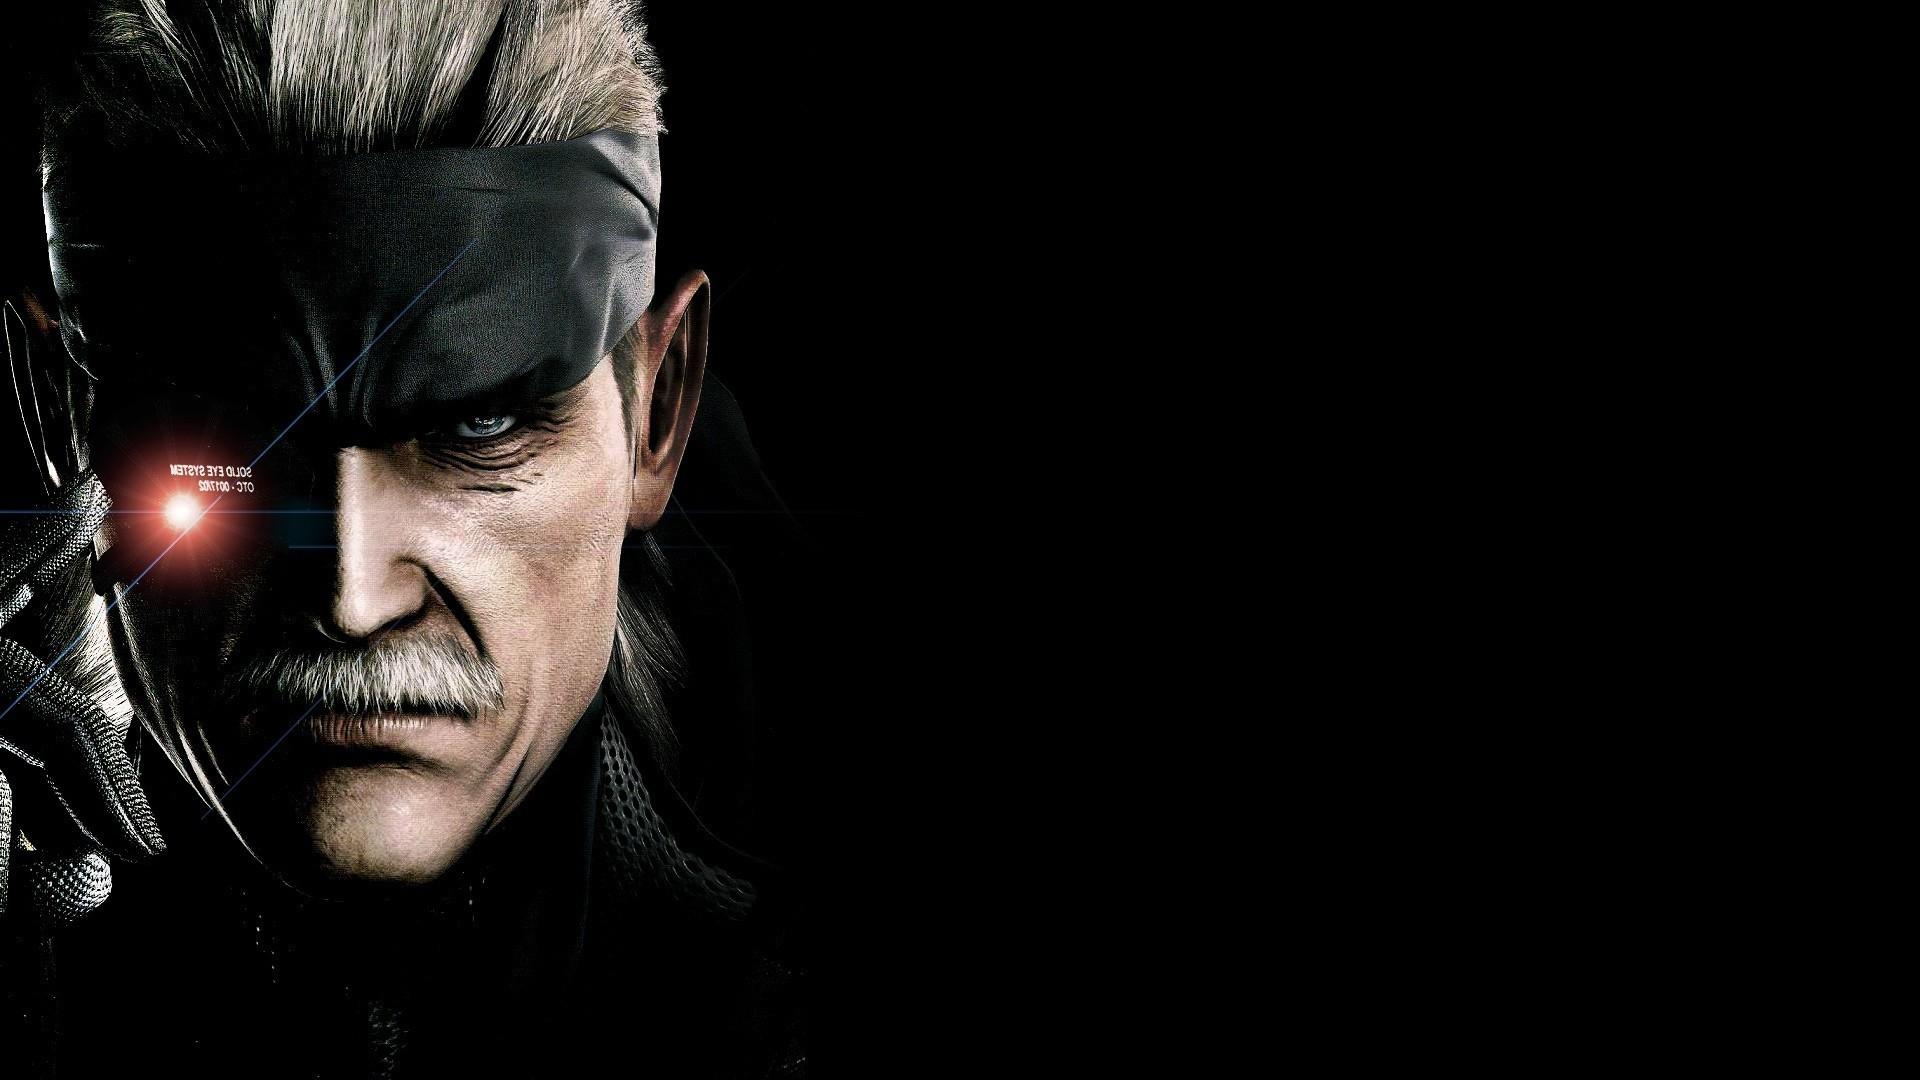 Snake Metal Gear Game Wallpaper | snake metal gear game wallpaper 1080p,  snake metal gear game wallpaper desktop, snake metal gear game wallpaper h…